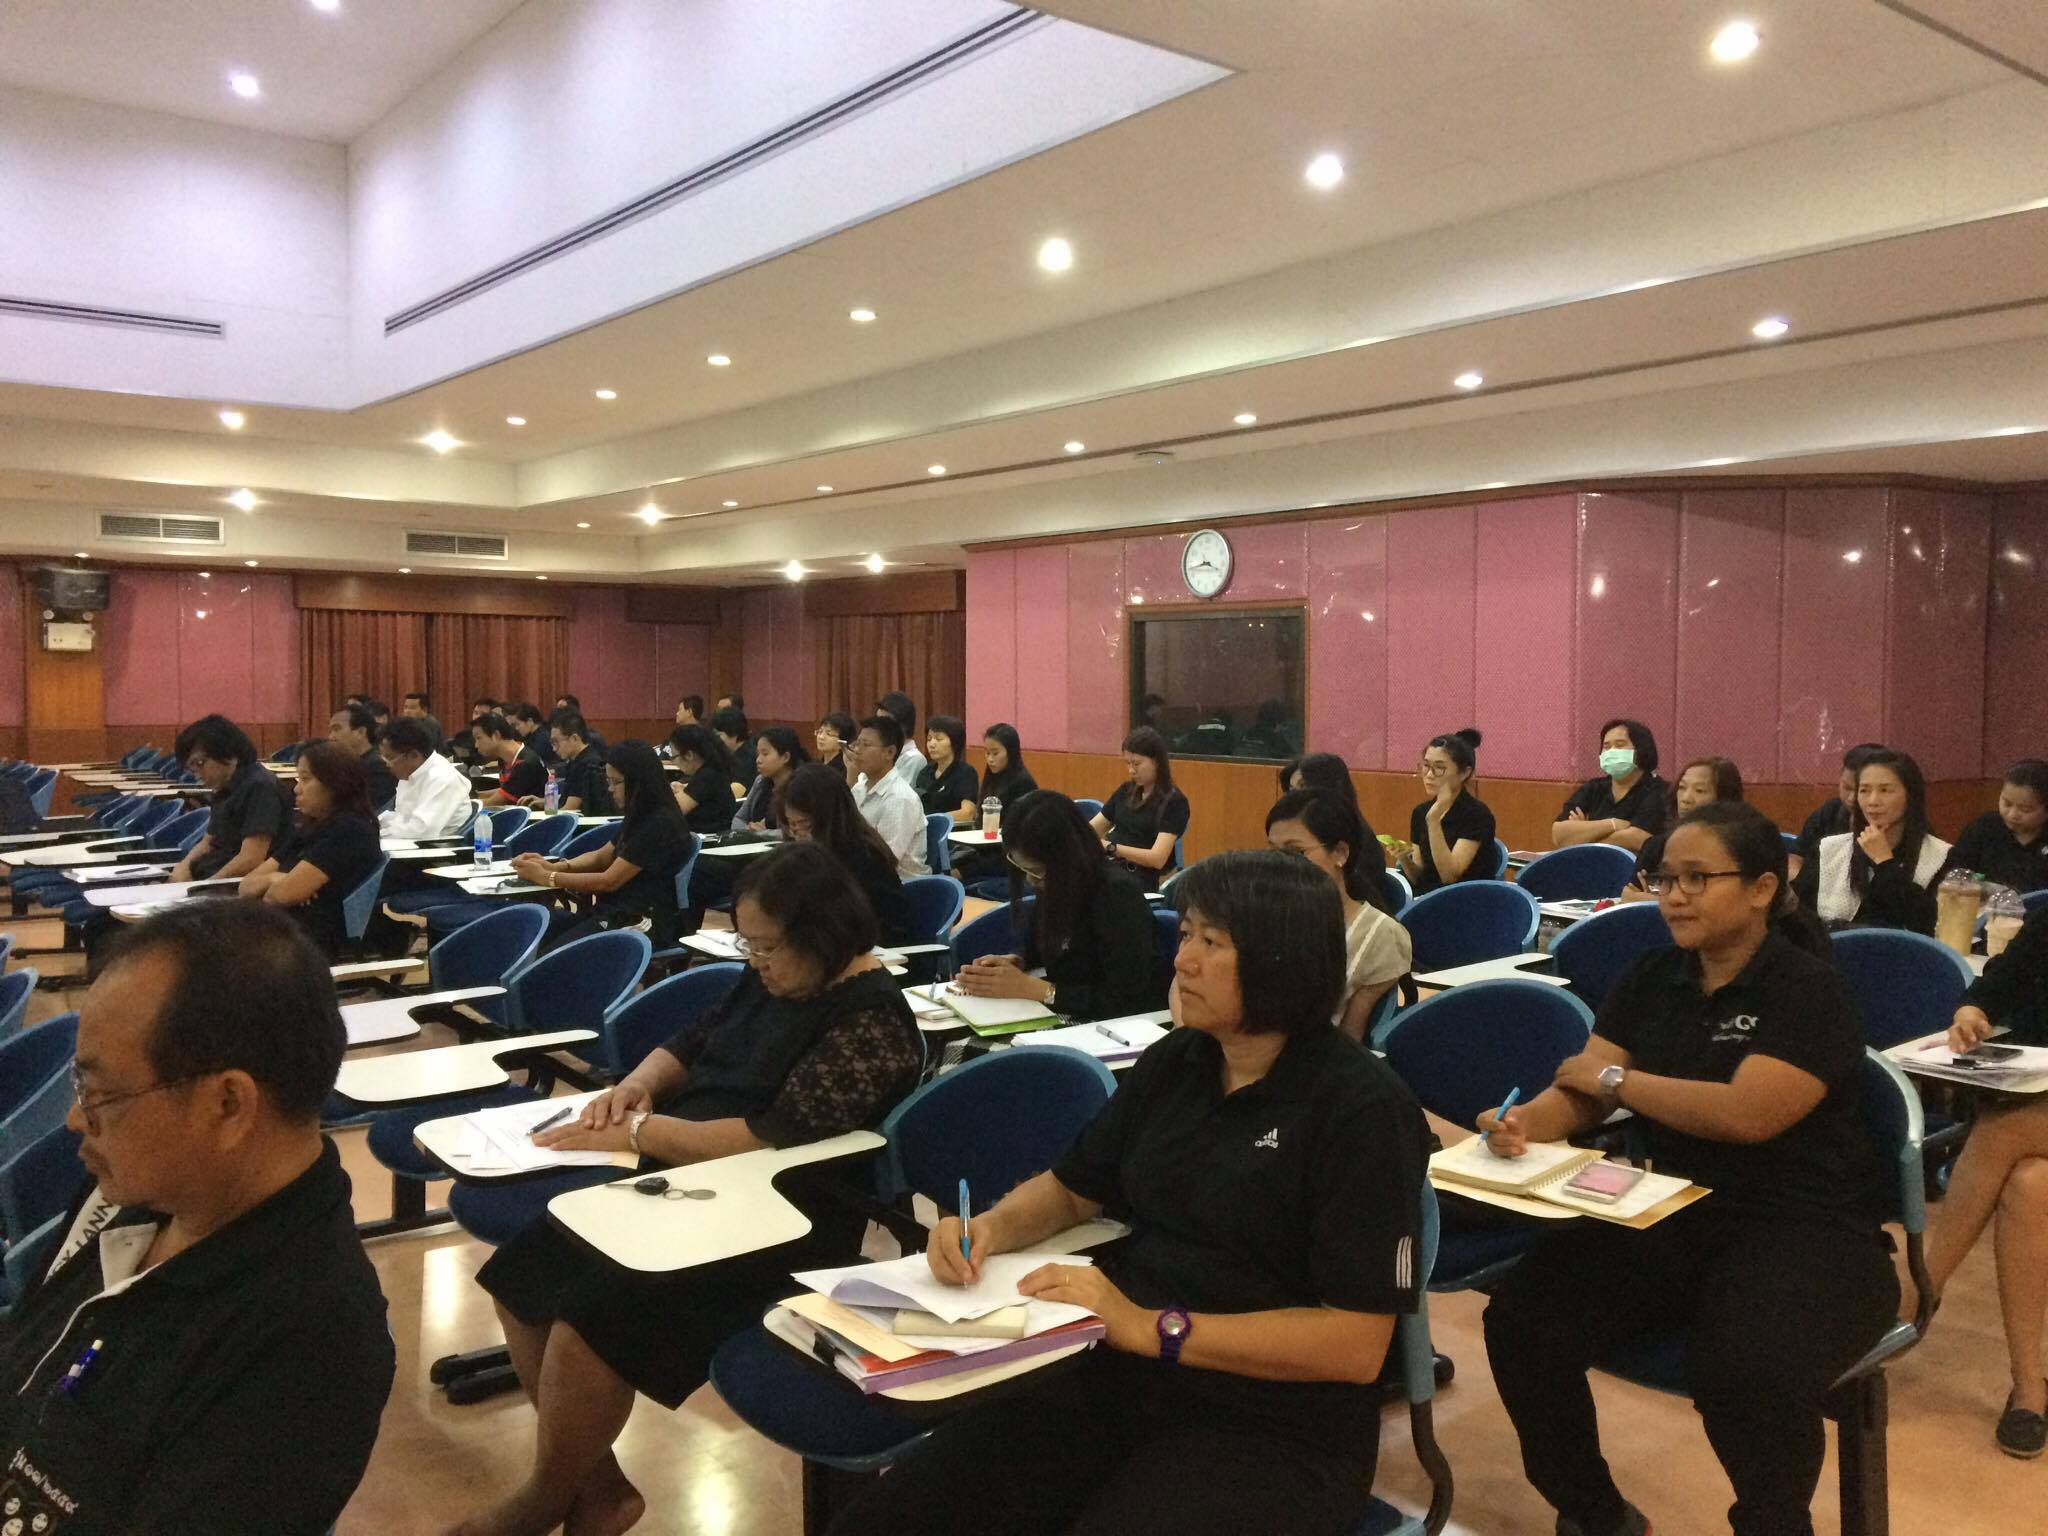 โครงการพัฒนาระบบและติดตามผลการดำเนินงานประกันคุณภาพการศึกษา พื้นที่พิษณุโลก